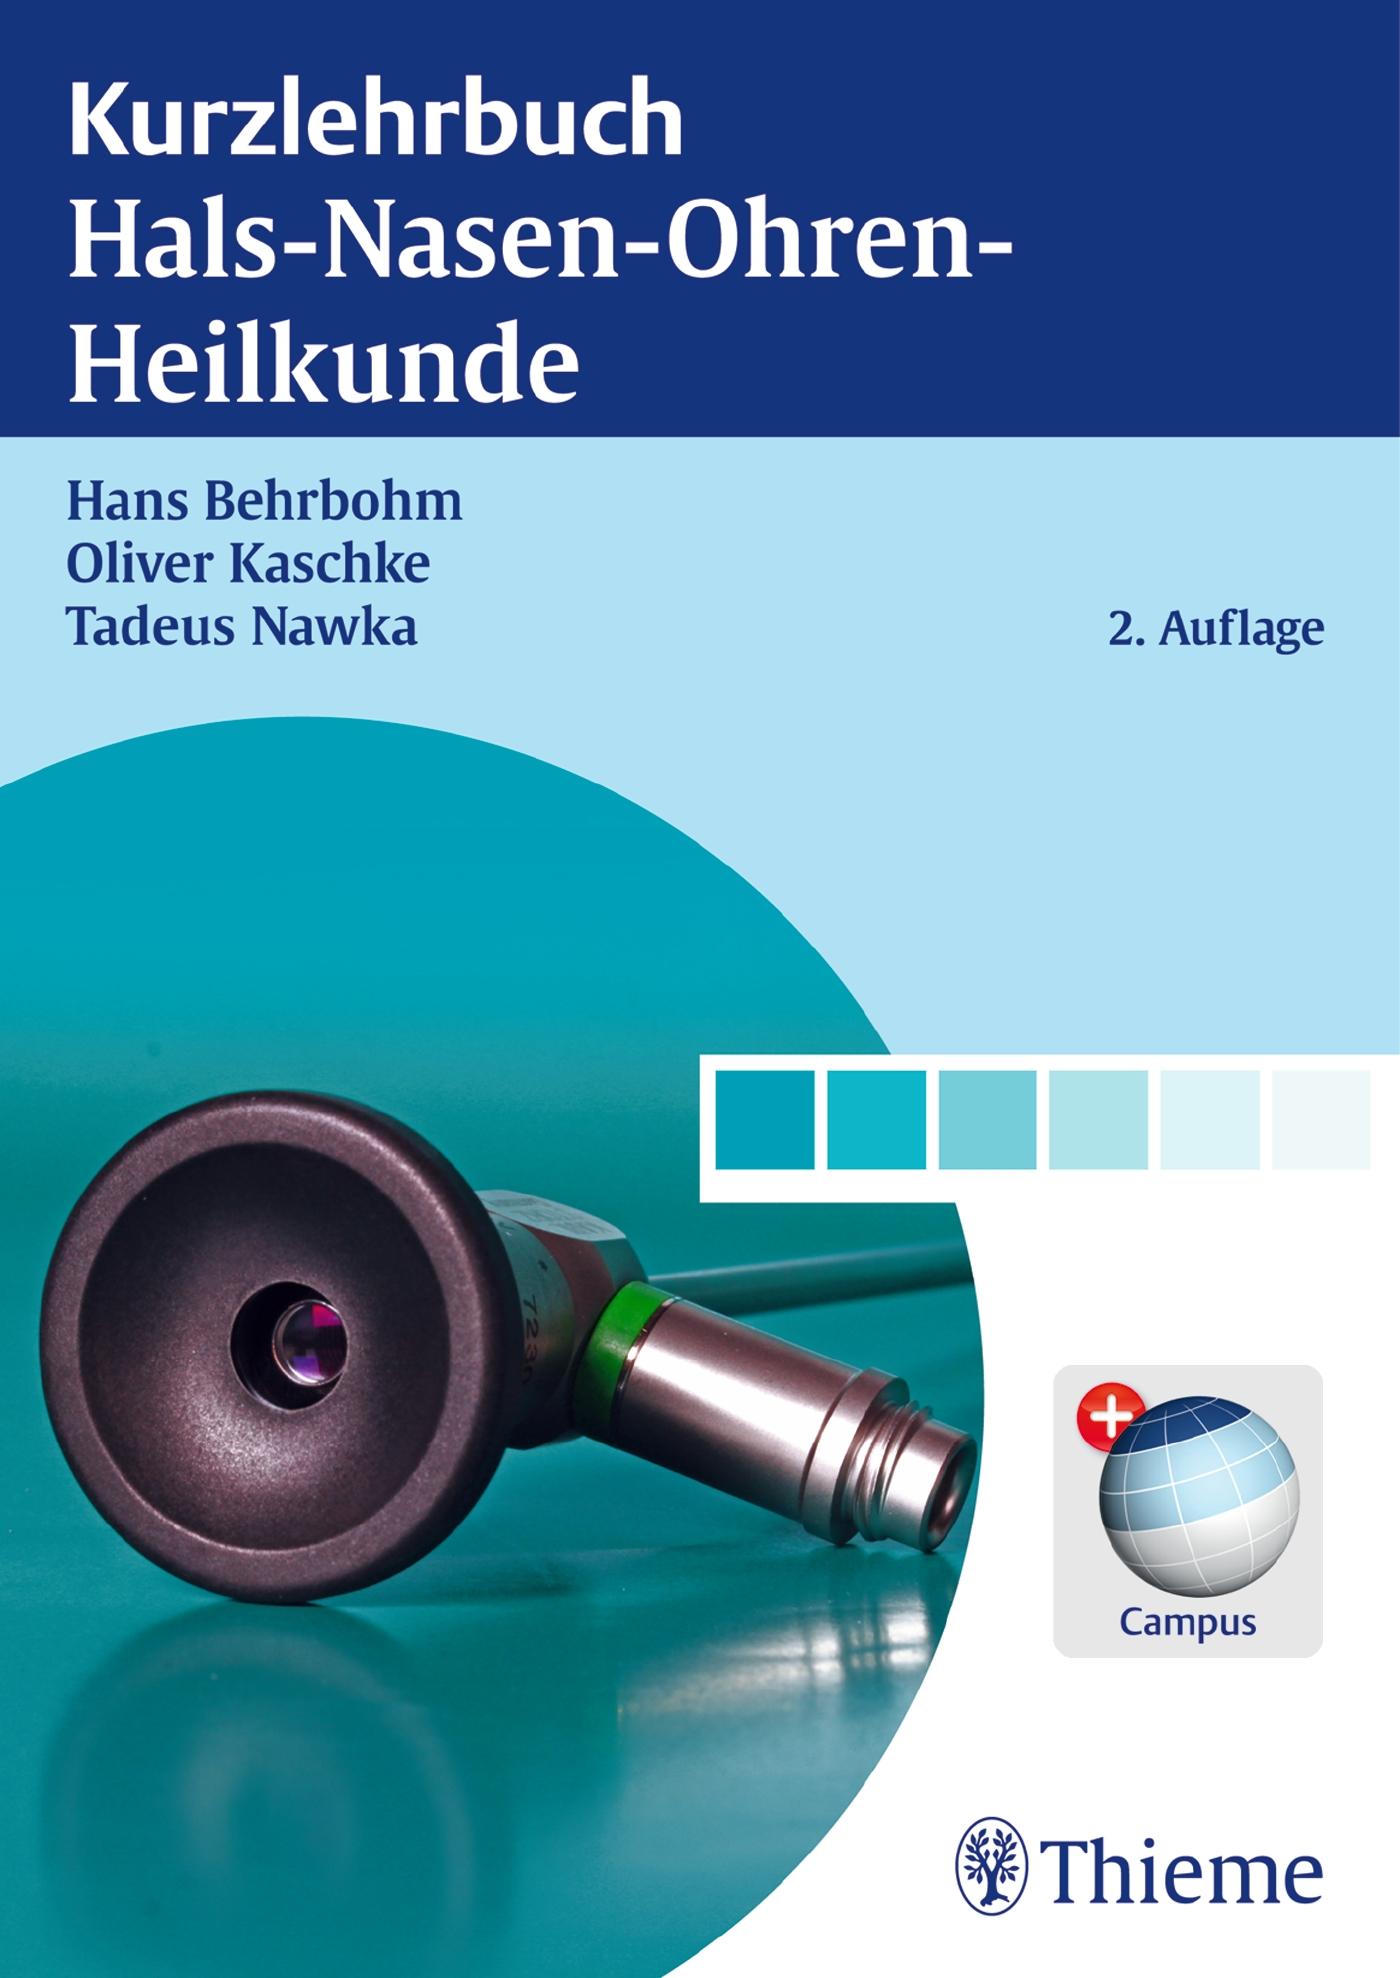 Kurzlehrbuch Hals-Nasen-Ohren-Heilkunde Hans Behrbohm